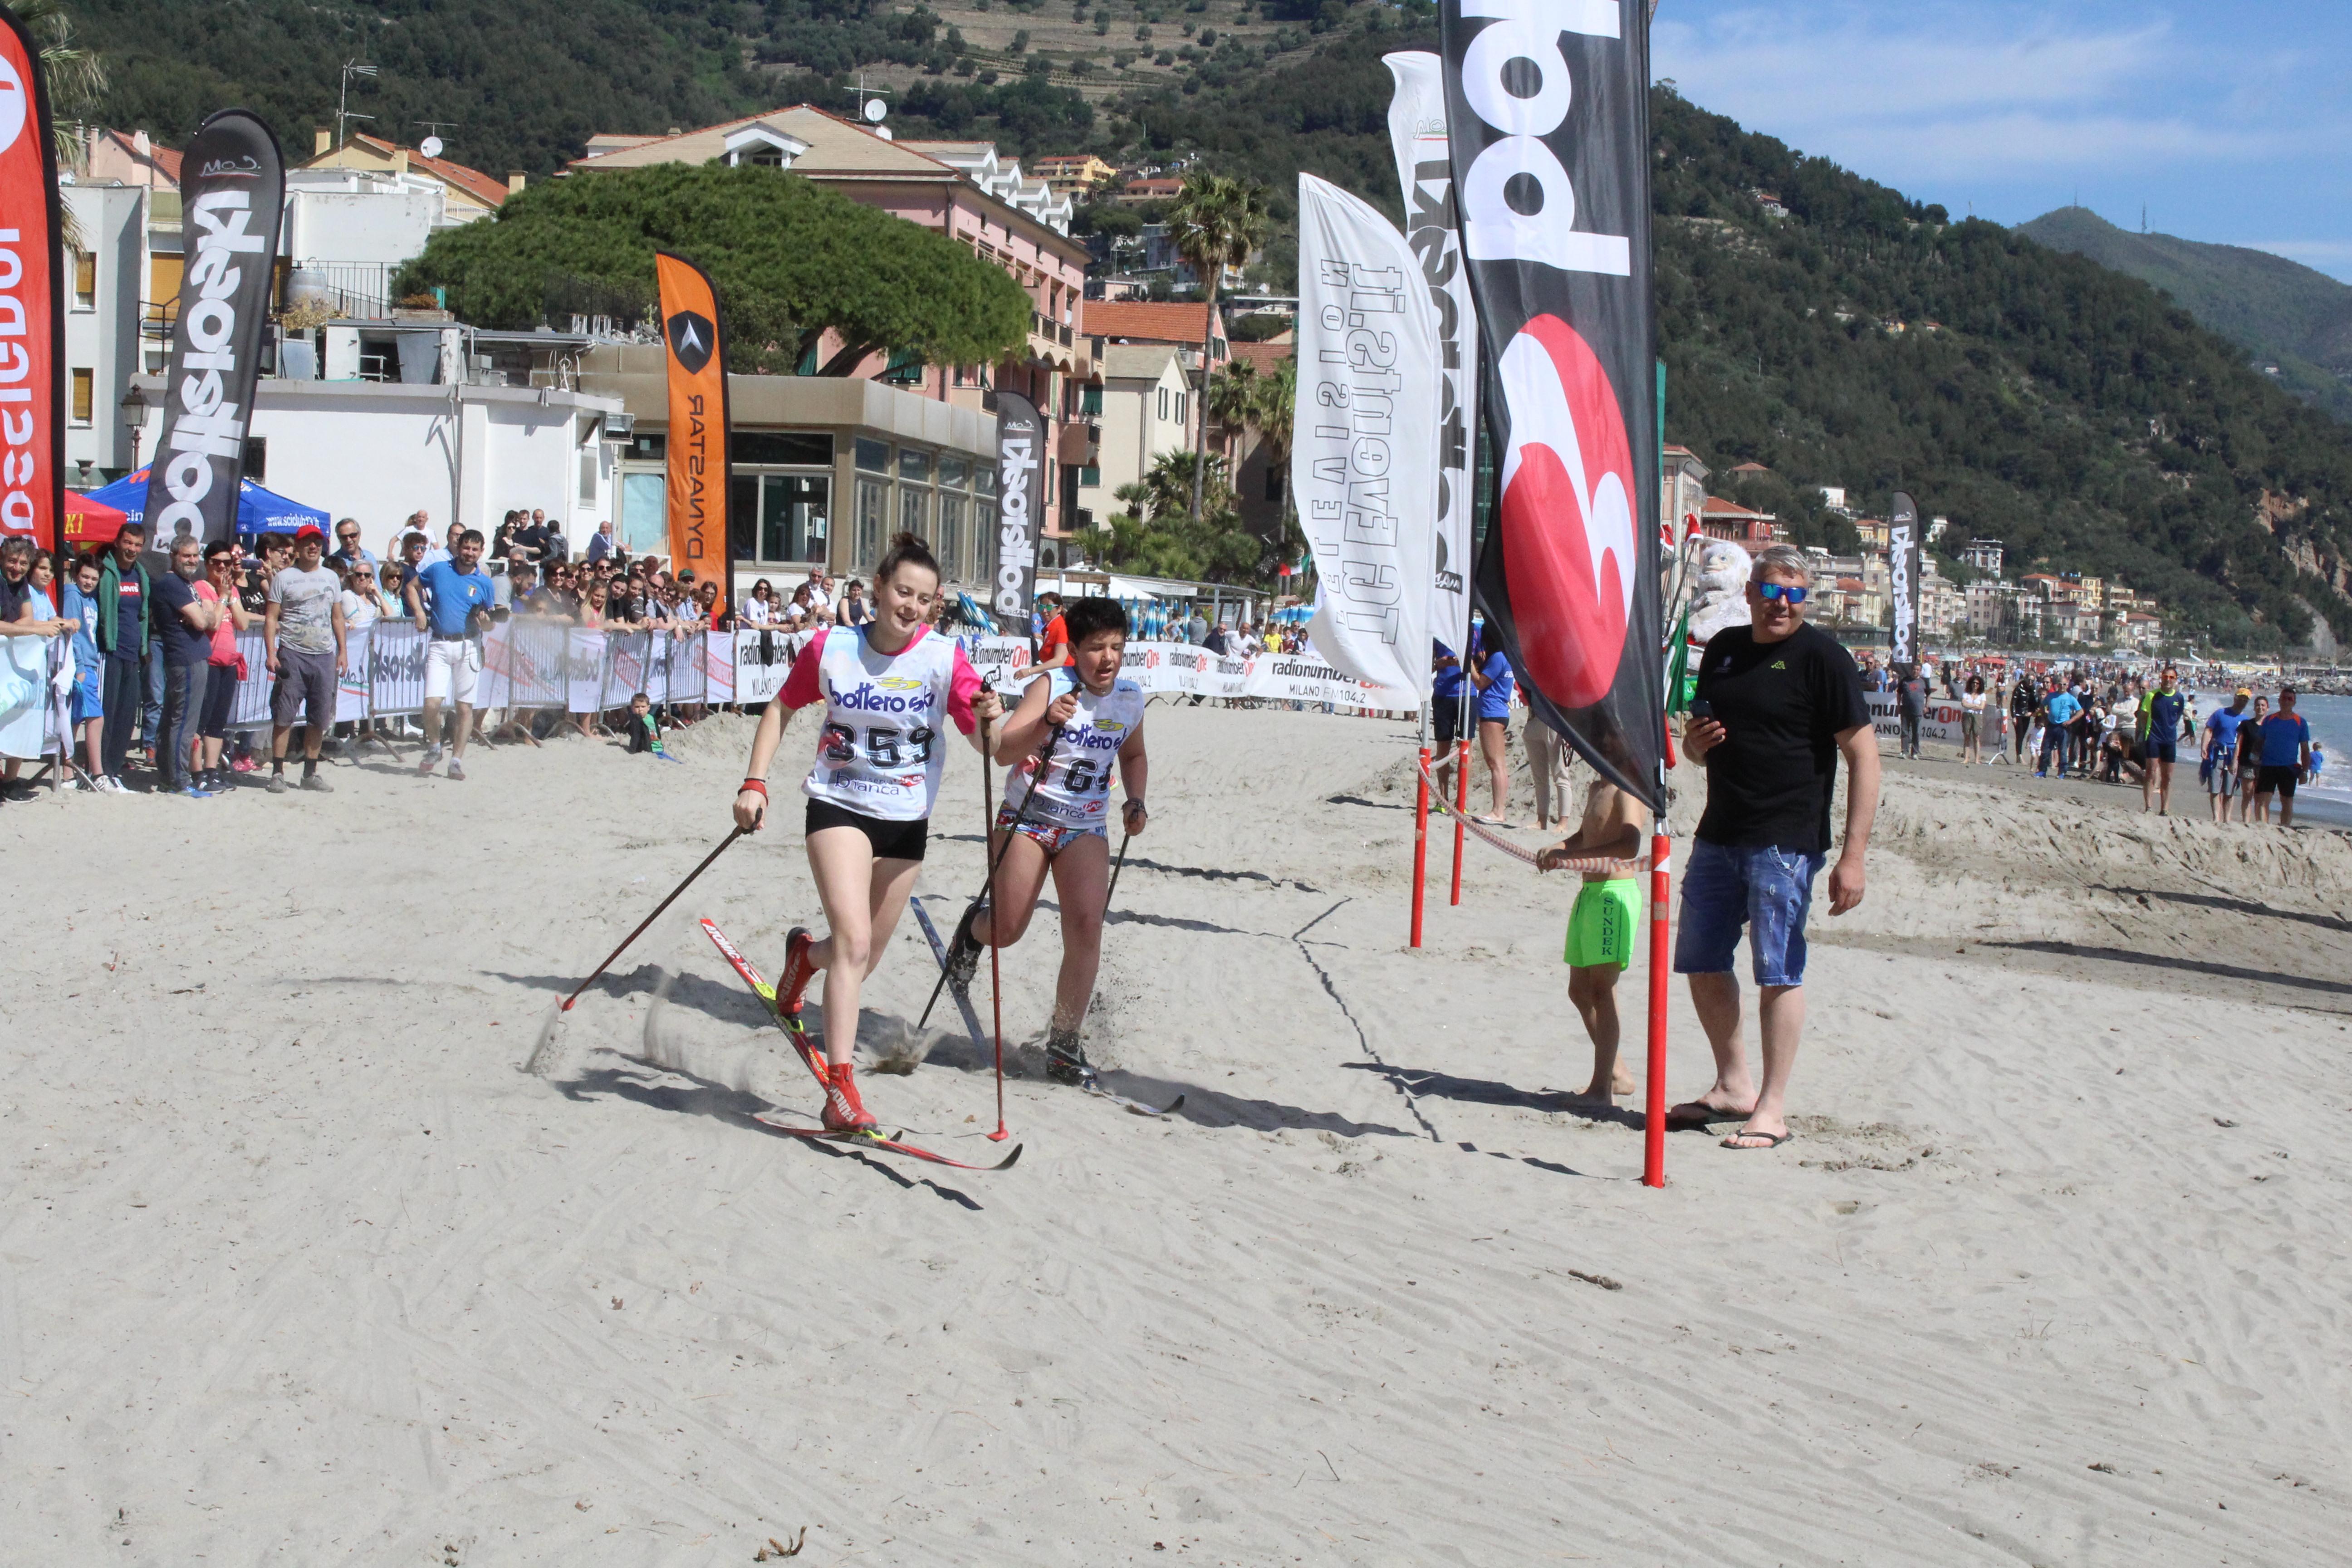 SCI DI FONDO ON THE BEACH